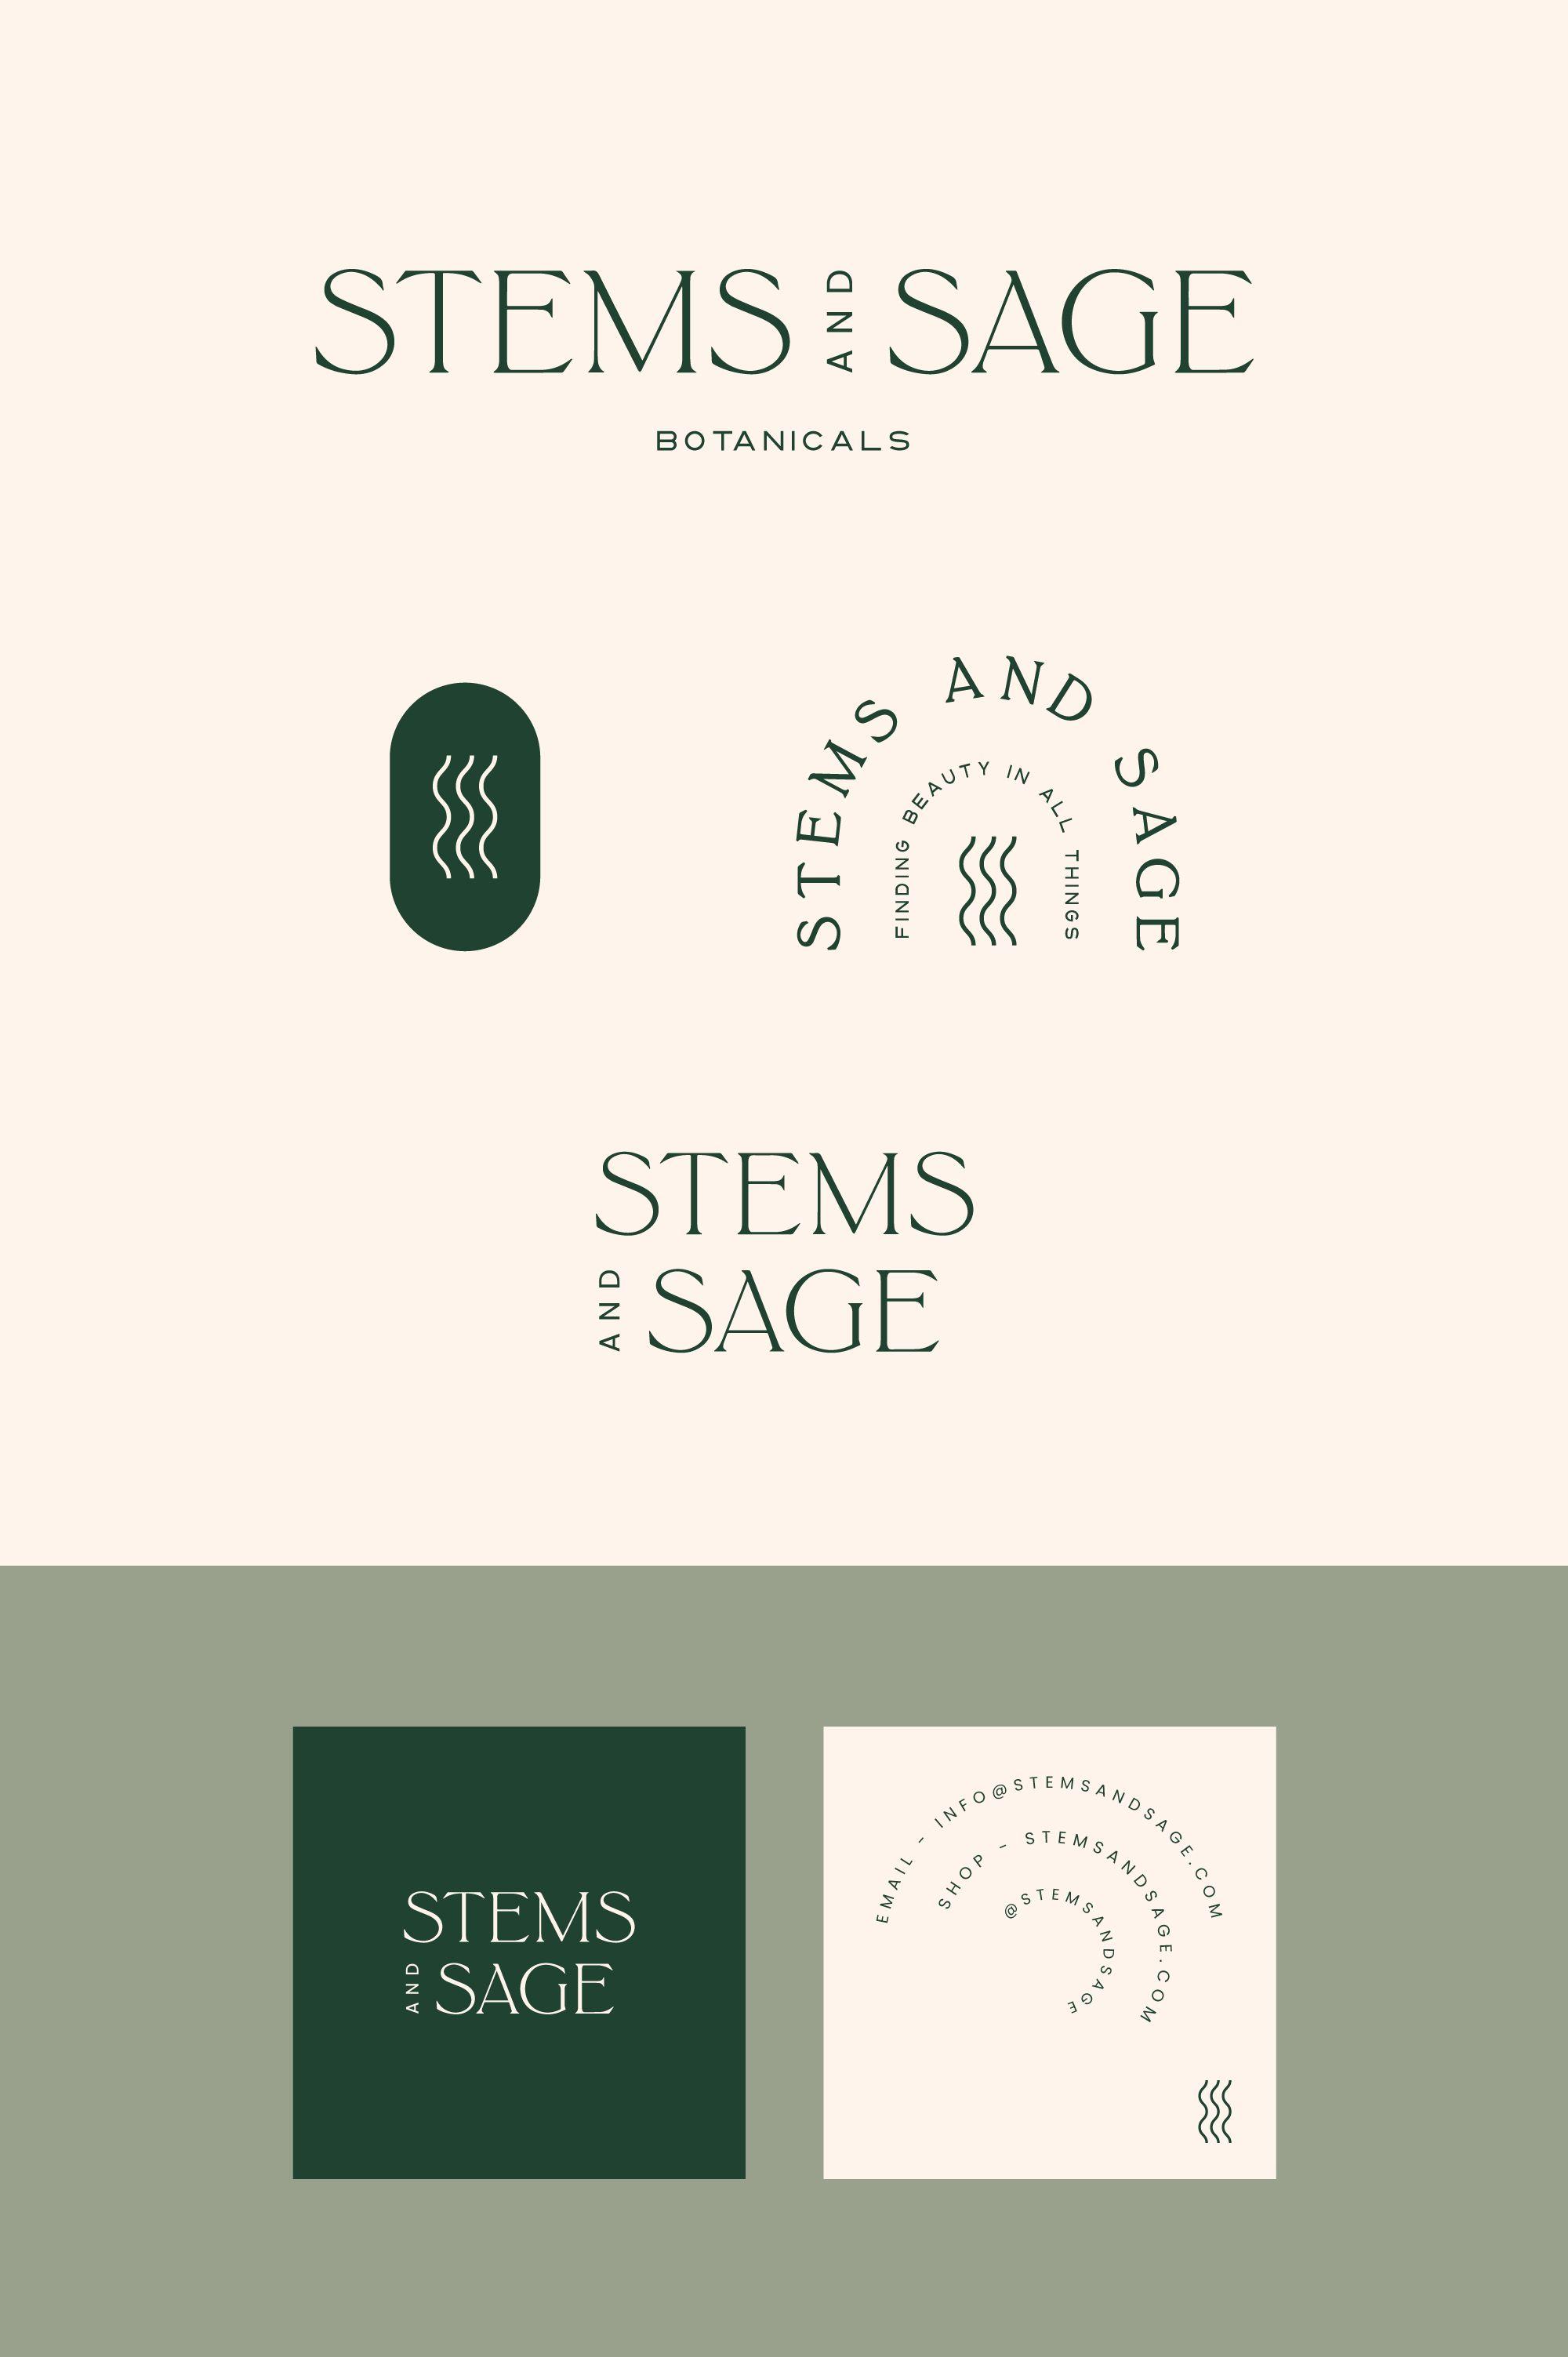 Stems & Sage Brand Kit — Mint Lane